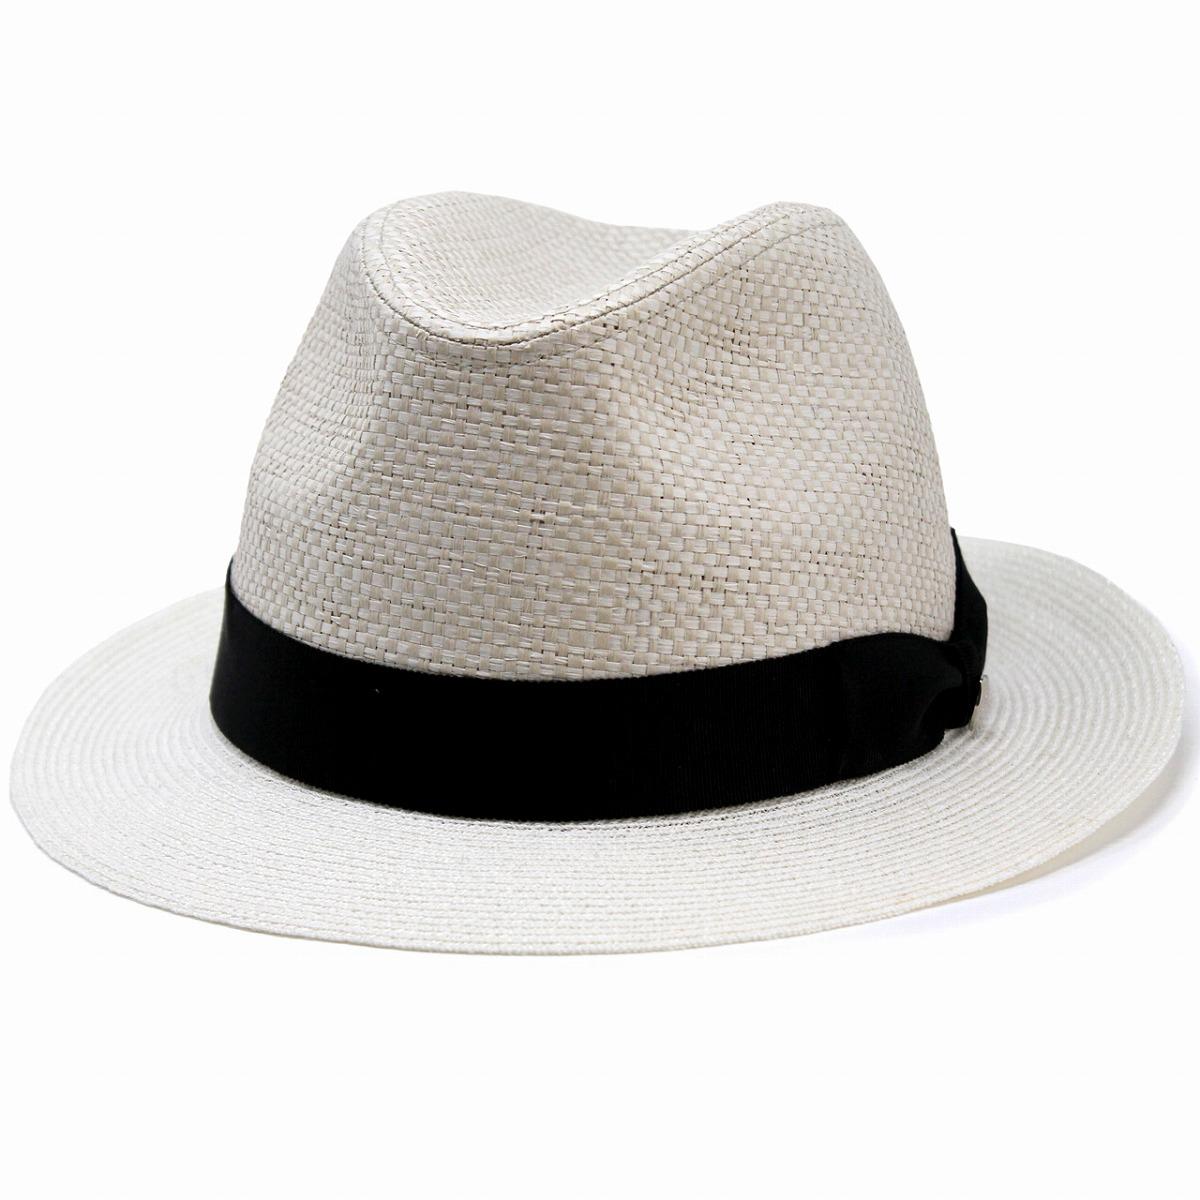 daks 帽子 メンズ ダックス ストローハット 無地 中折れ ハット 日本製 DAKS 中折れ帽 紳士 シンプル ペーパーブレード フラット ペーパーハット BL型 麦わら帽子 リボン 無地 サイズ調節 60cm / オフホワイト [ straw hat ] 父の日 ギフト プレゼント